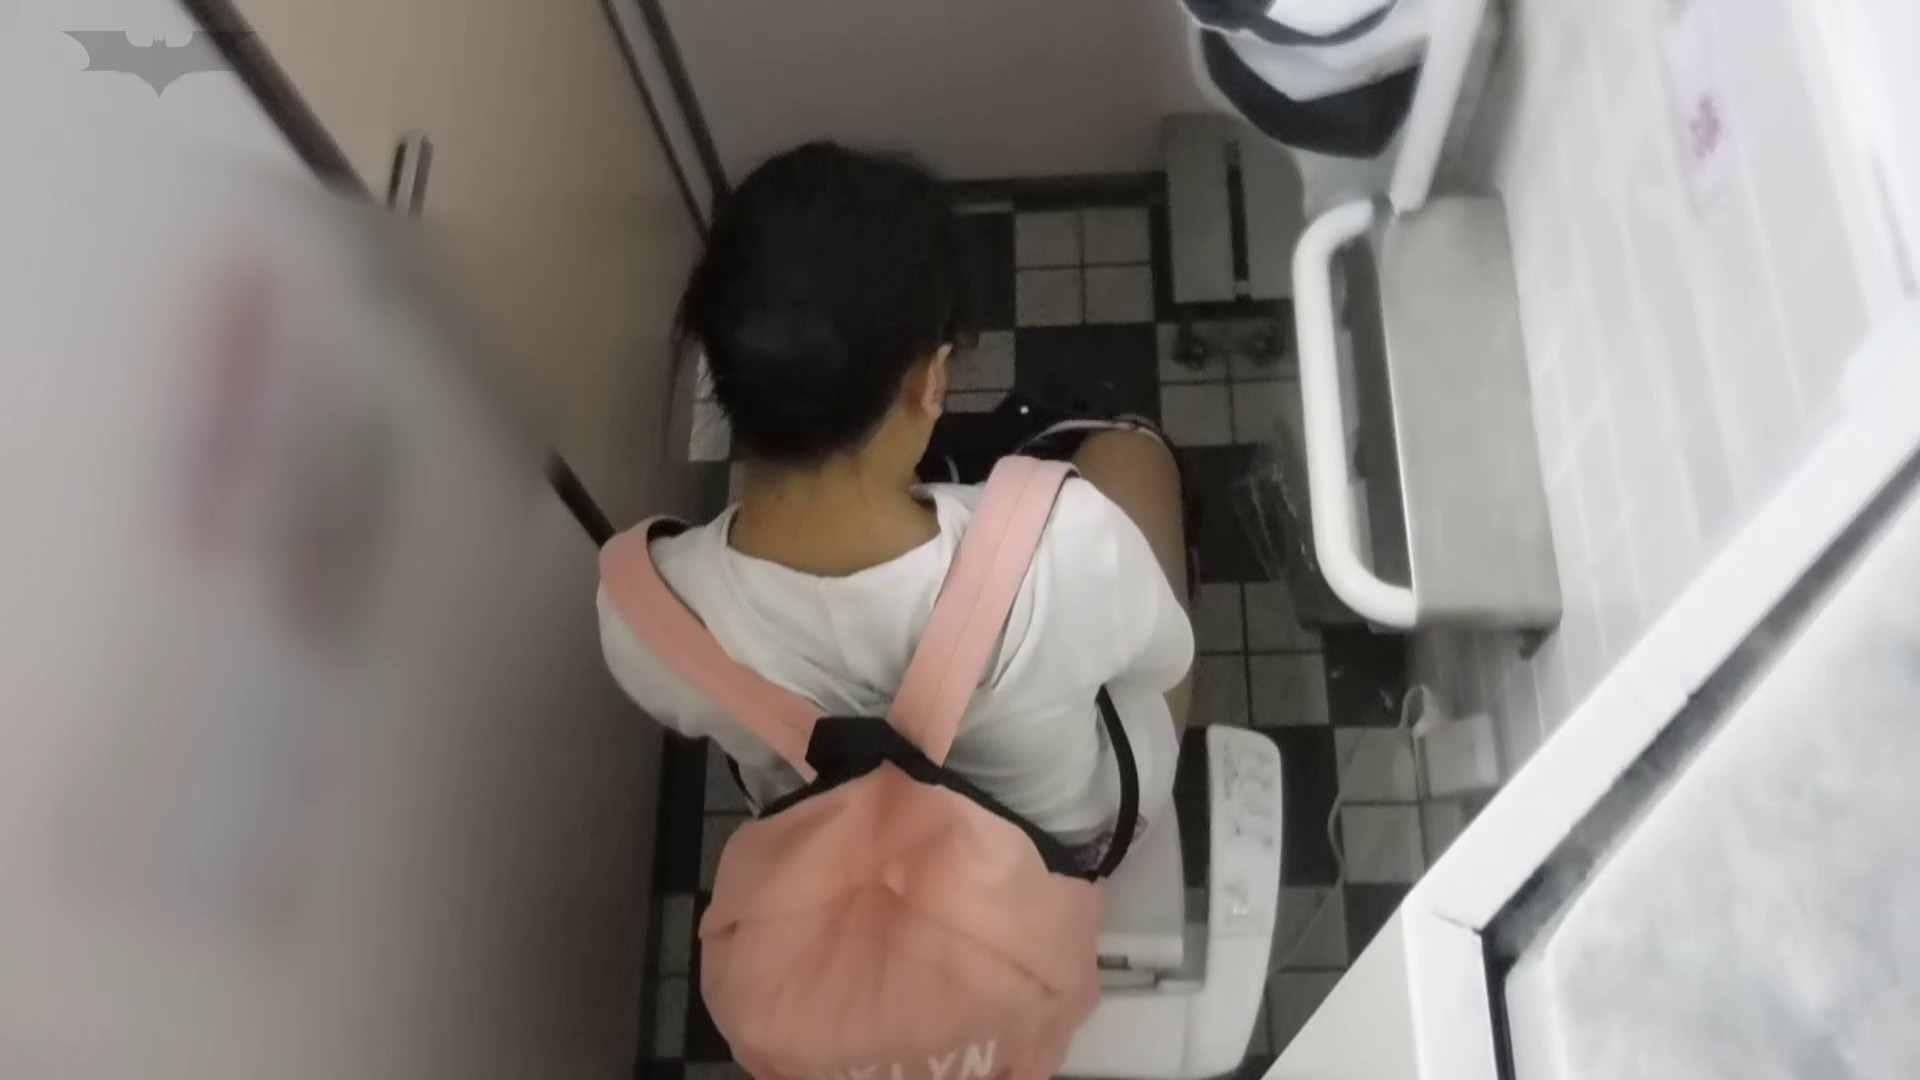 化粧室絵巻 駅舎編 VOL.19 エッチなお姉さん すけべAV動画紹介 72画像 28